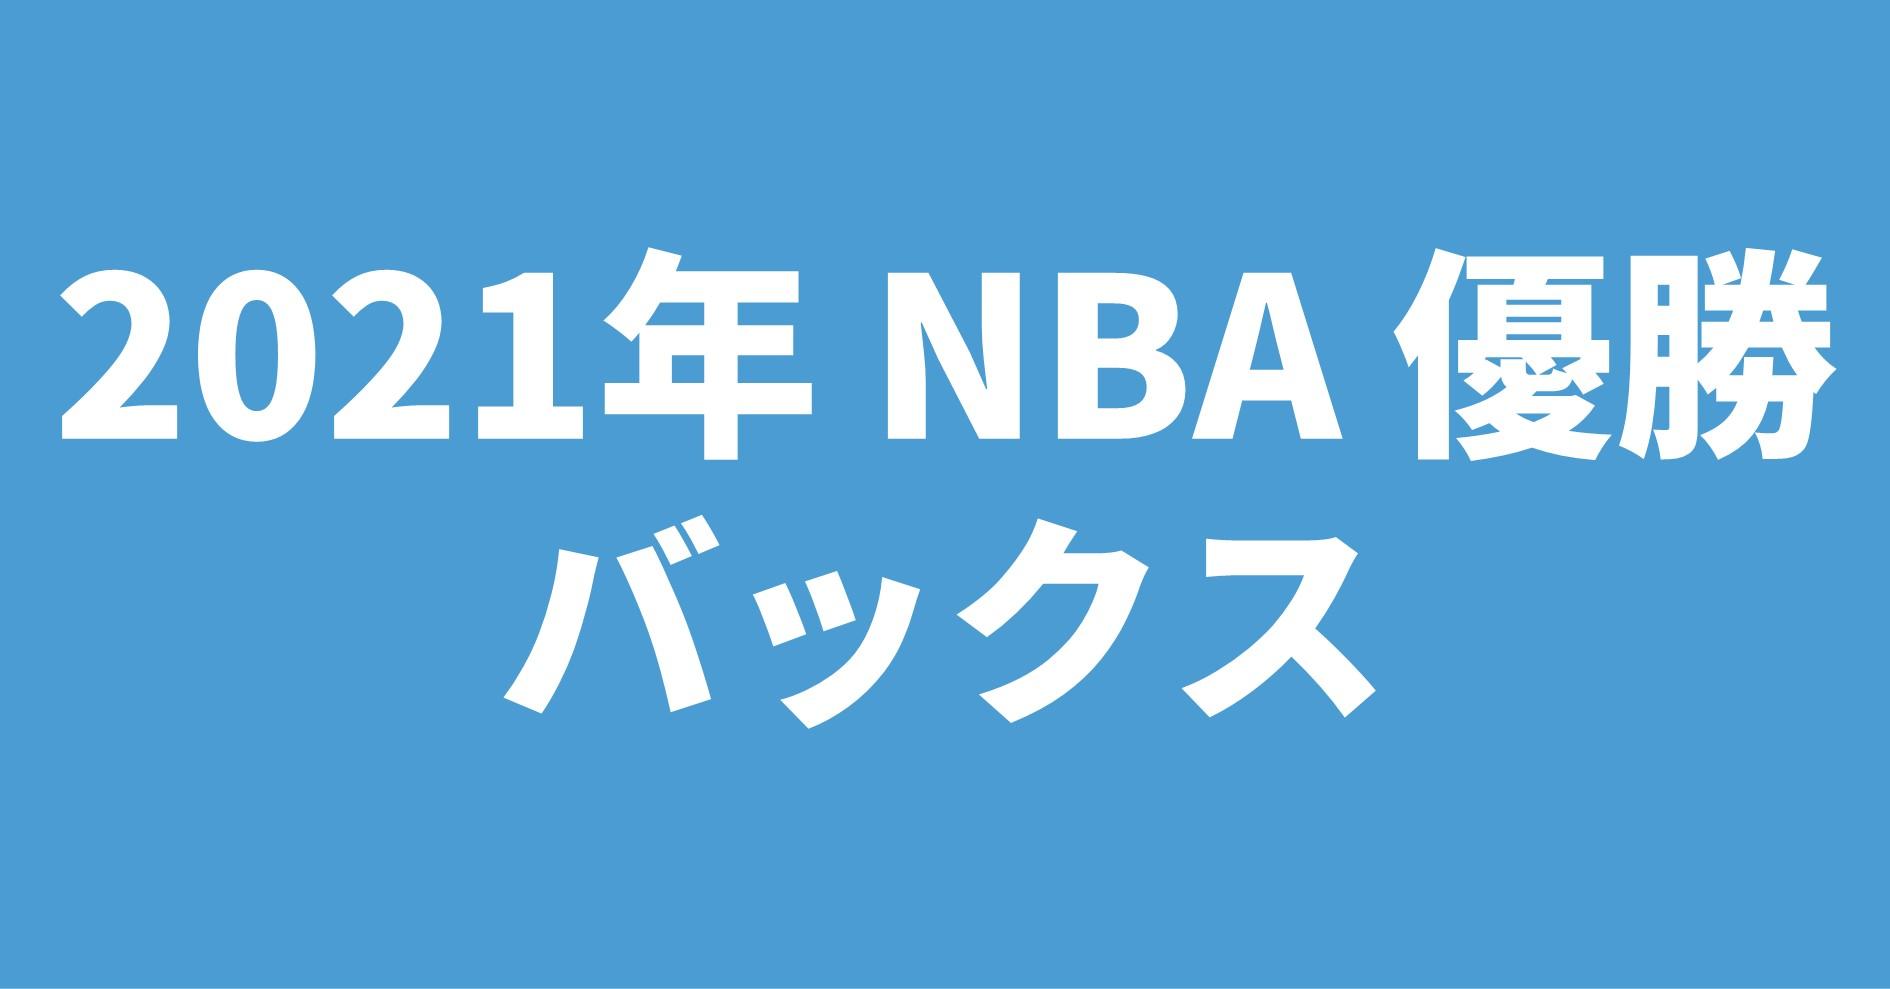 2021年NBA優勝 バックス